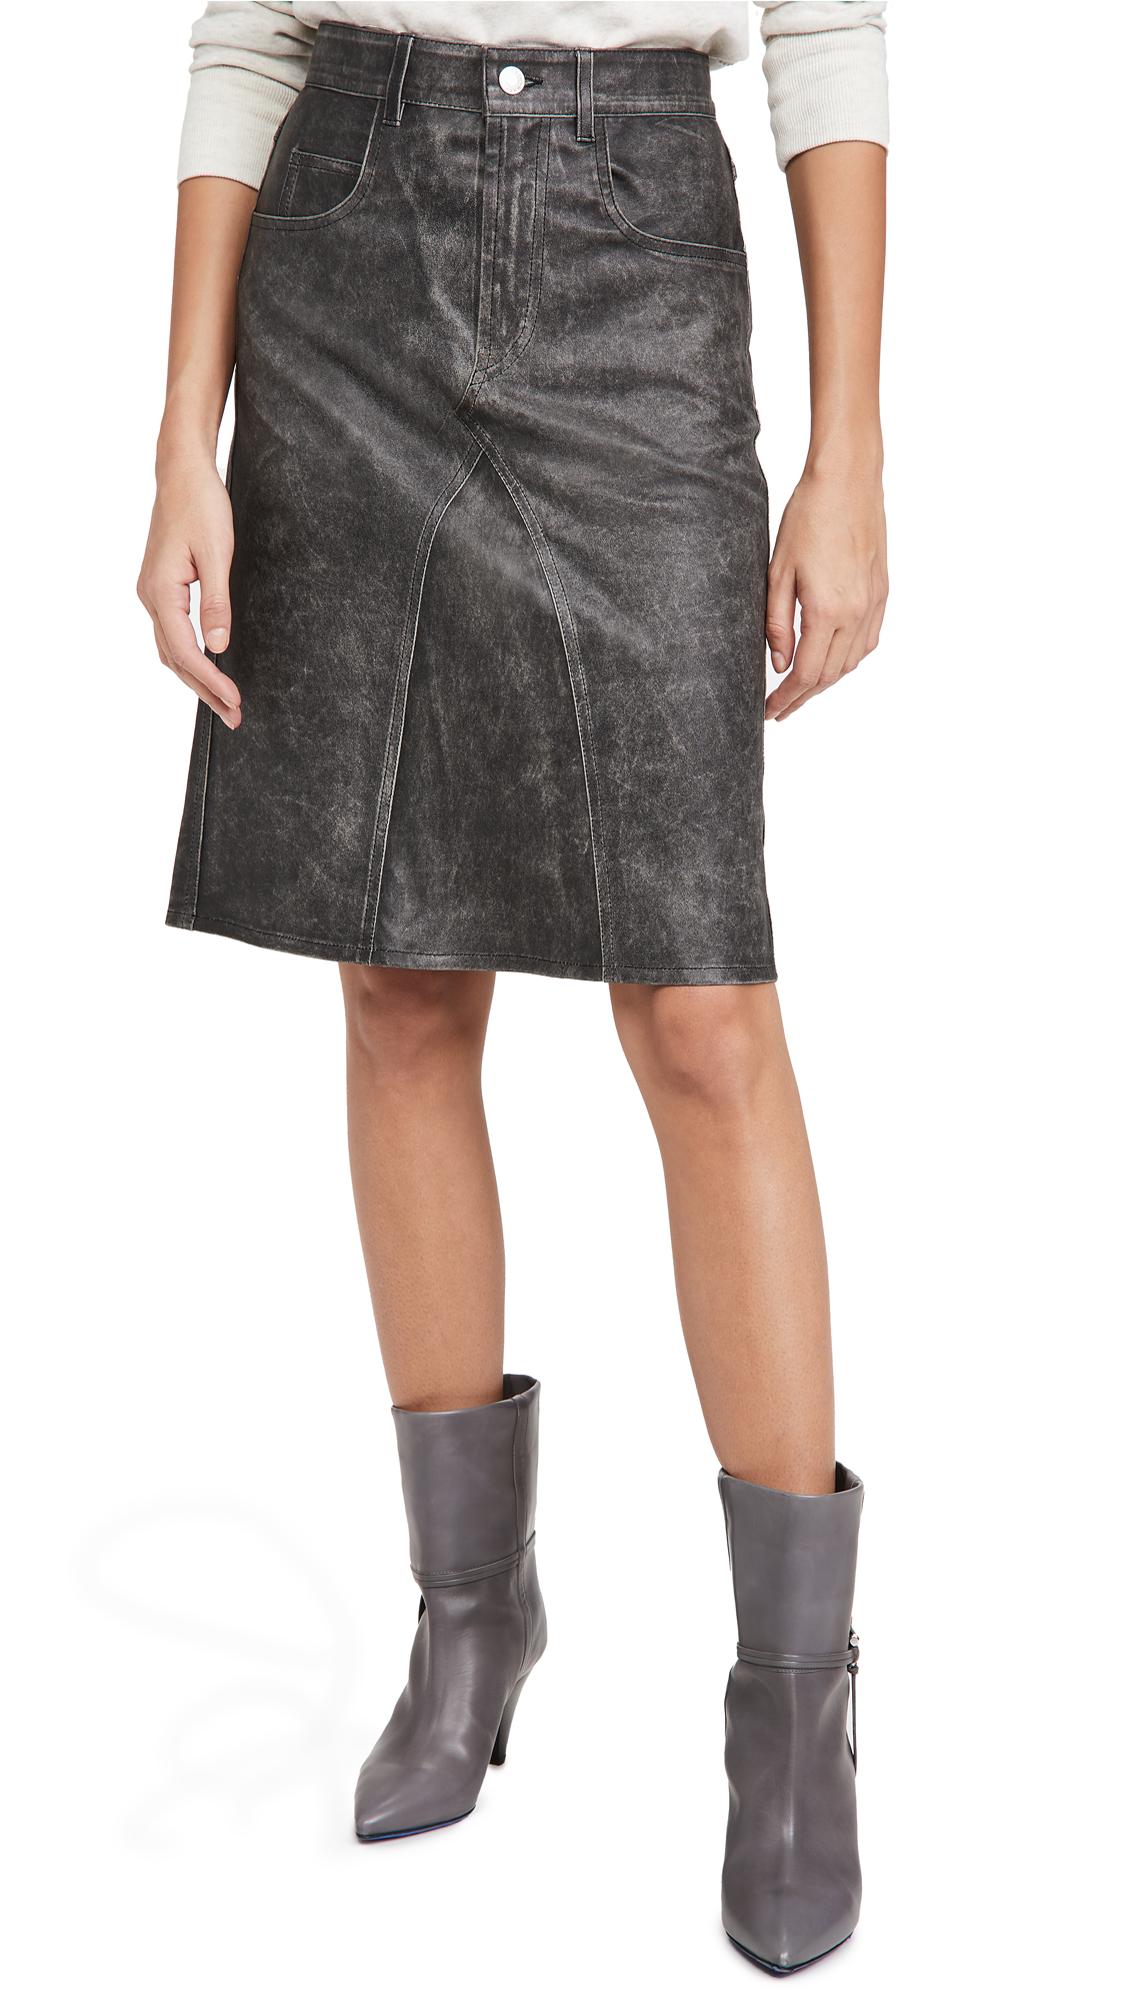 Isabel Marant Etoile Fiali Skirt